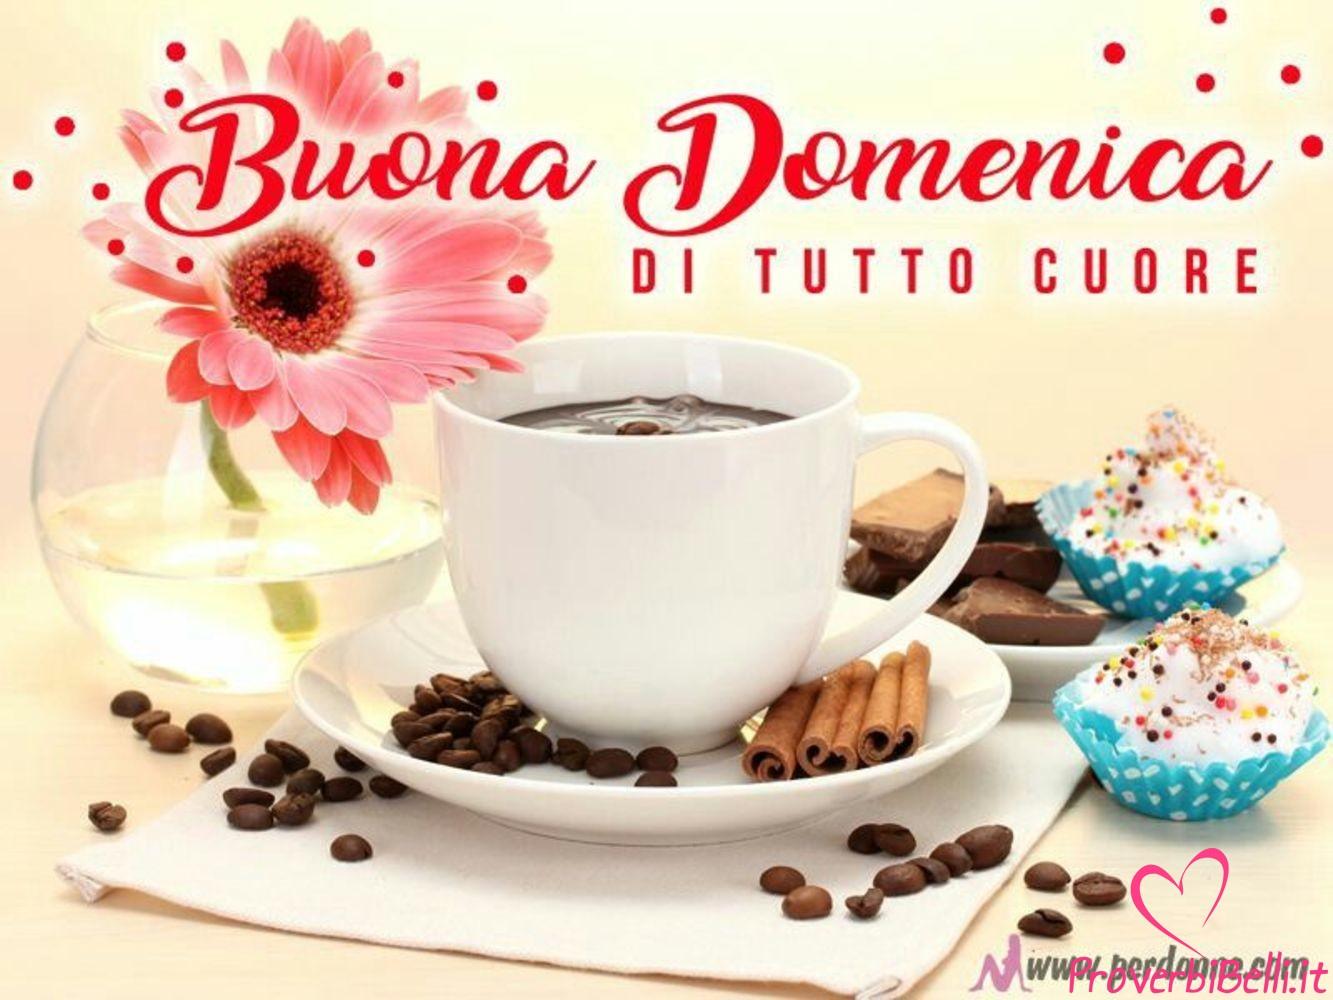 Buongiorno-Domenica-Immagini-Buona-per-Facebook-Whatsapp-718